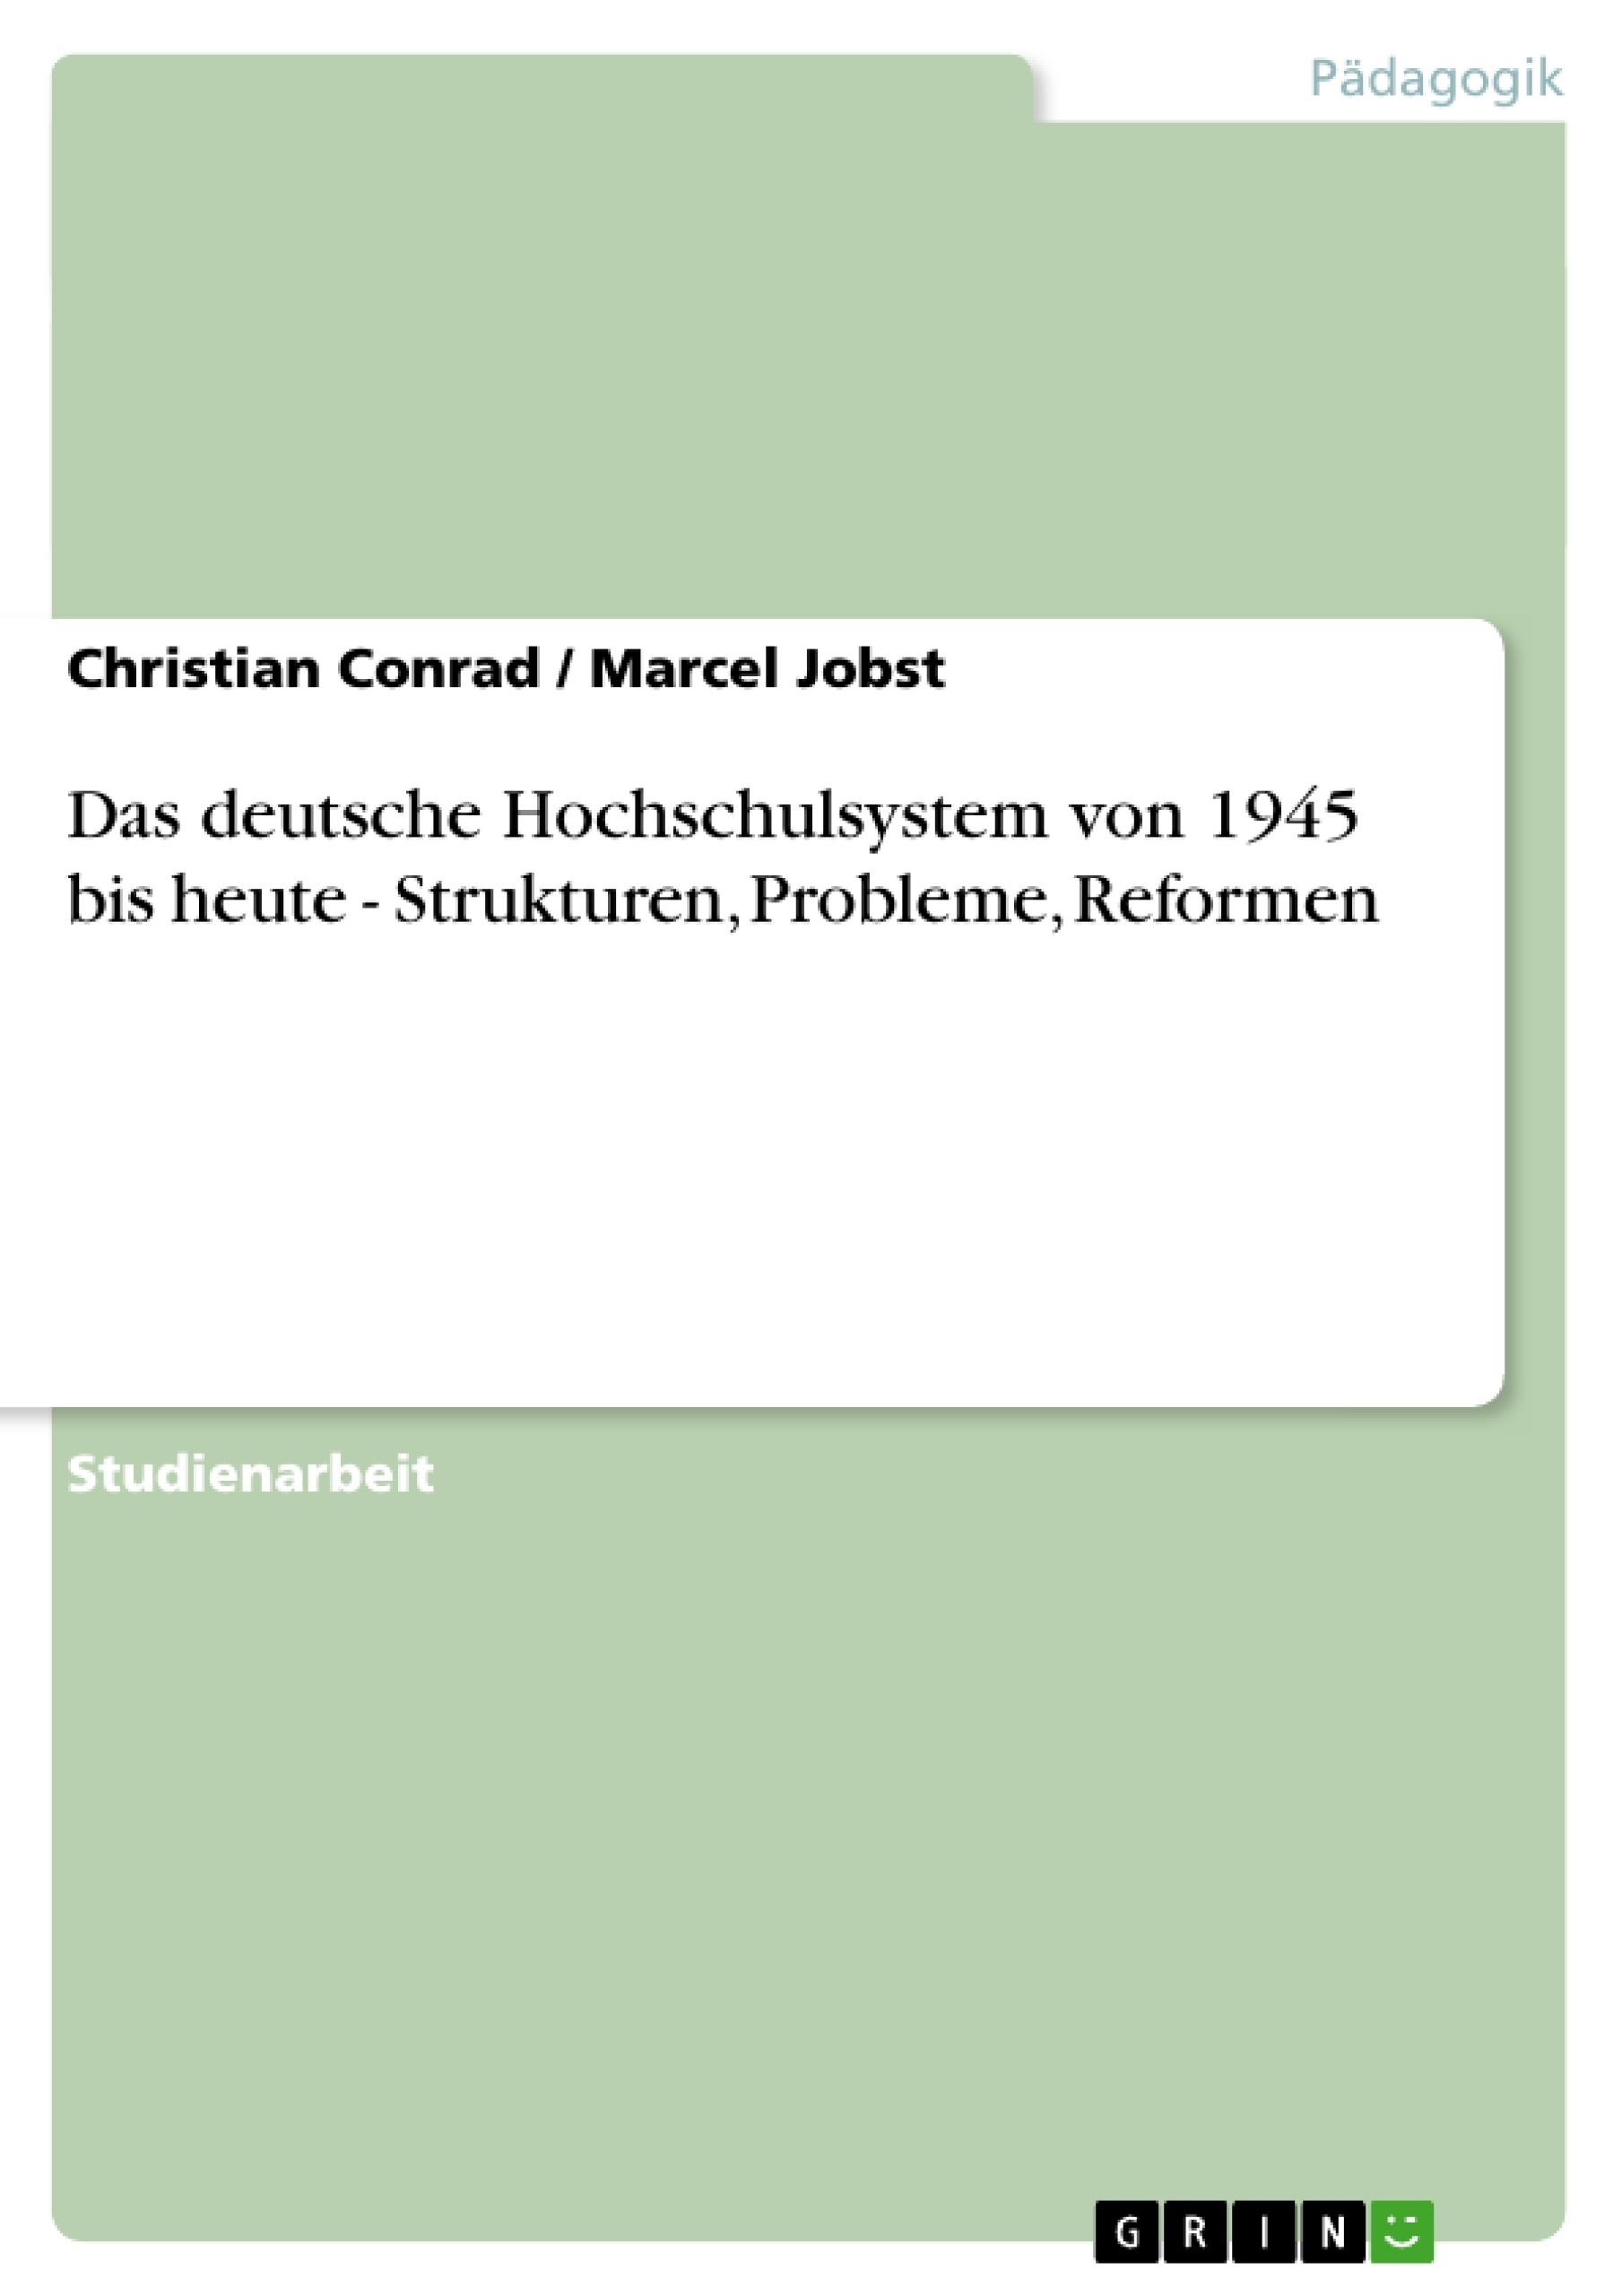 Titel: Das deutsche Hochschulsystem von 1945 bis heute - Strukturen, Probleme, Reformen